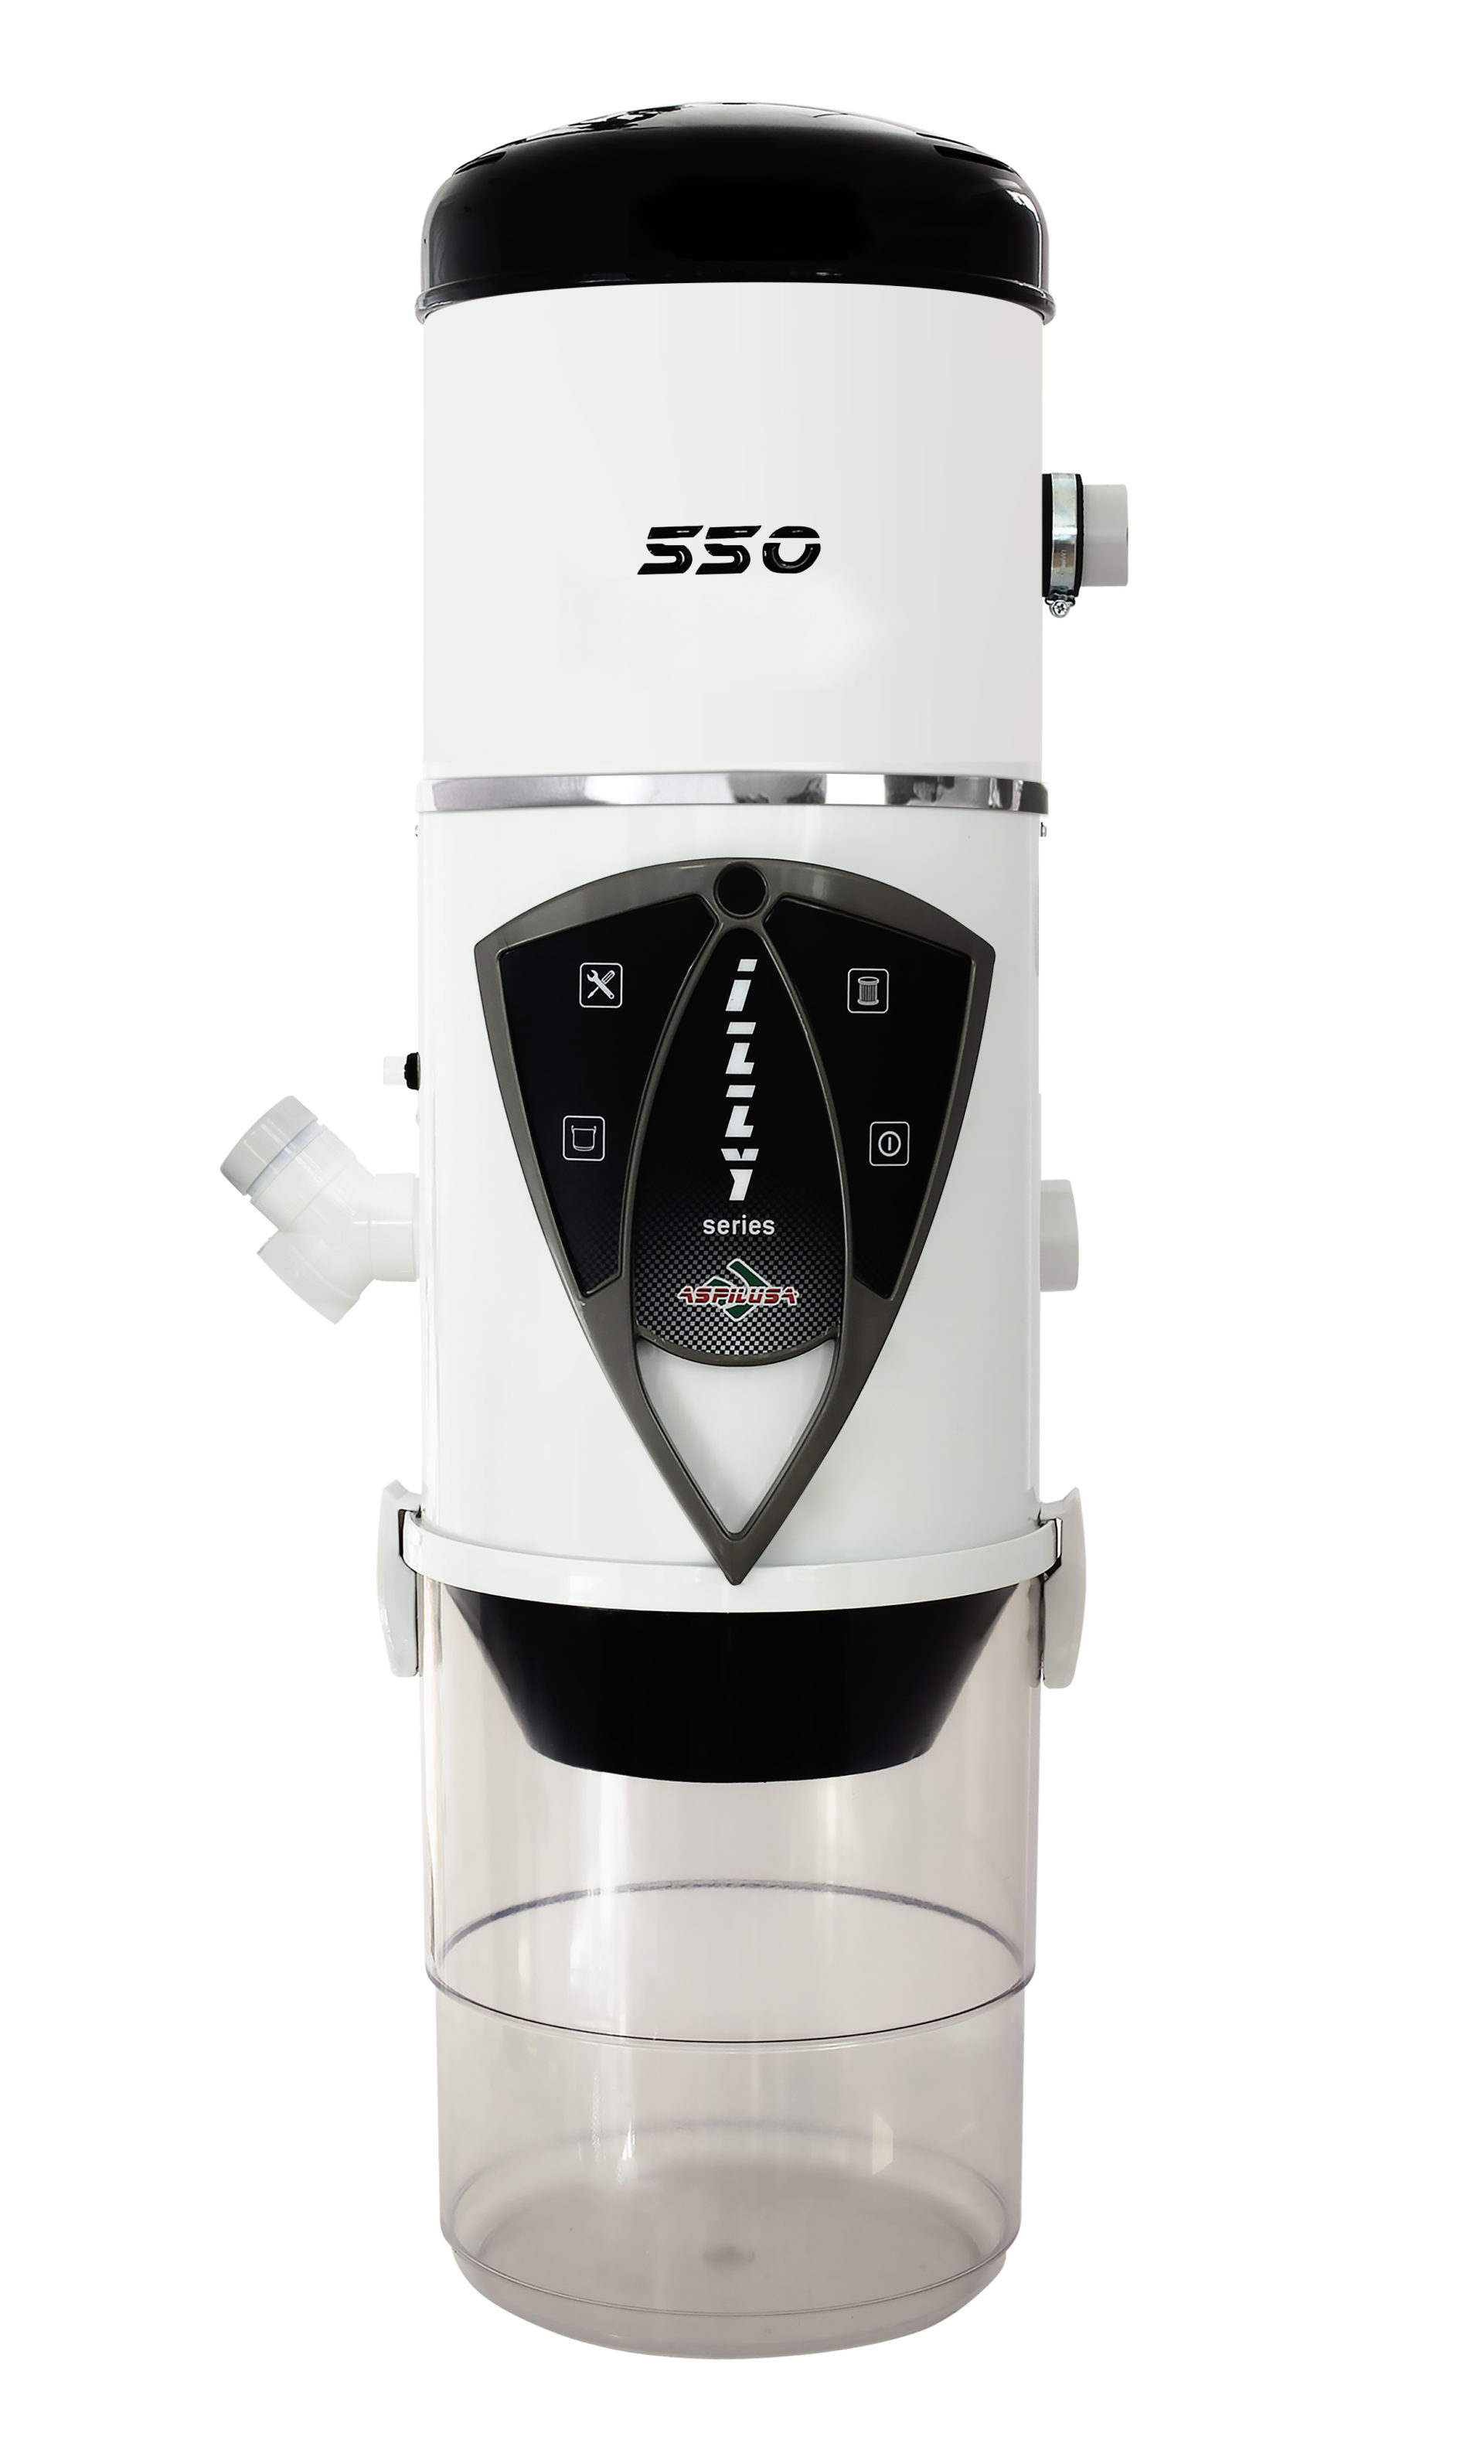 Jednostka centralna Izzy 550